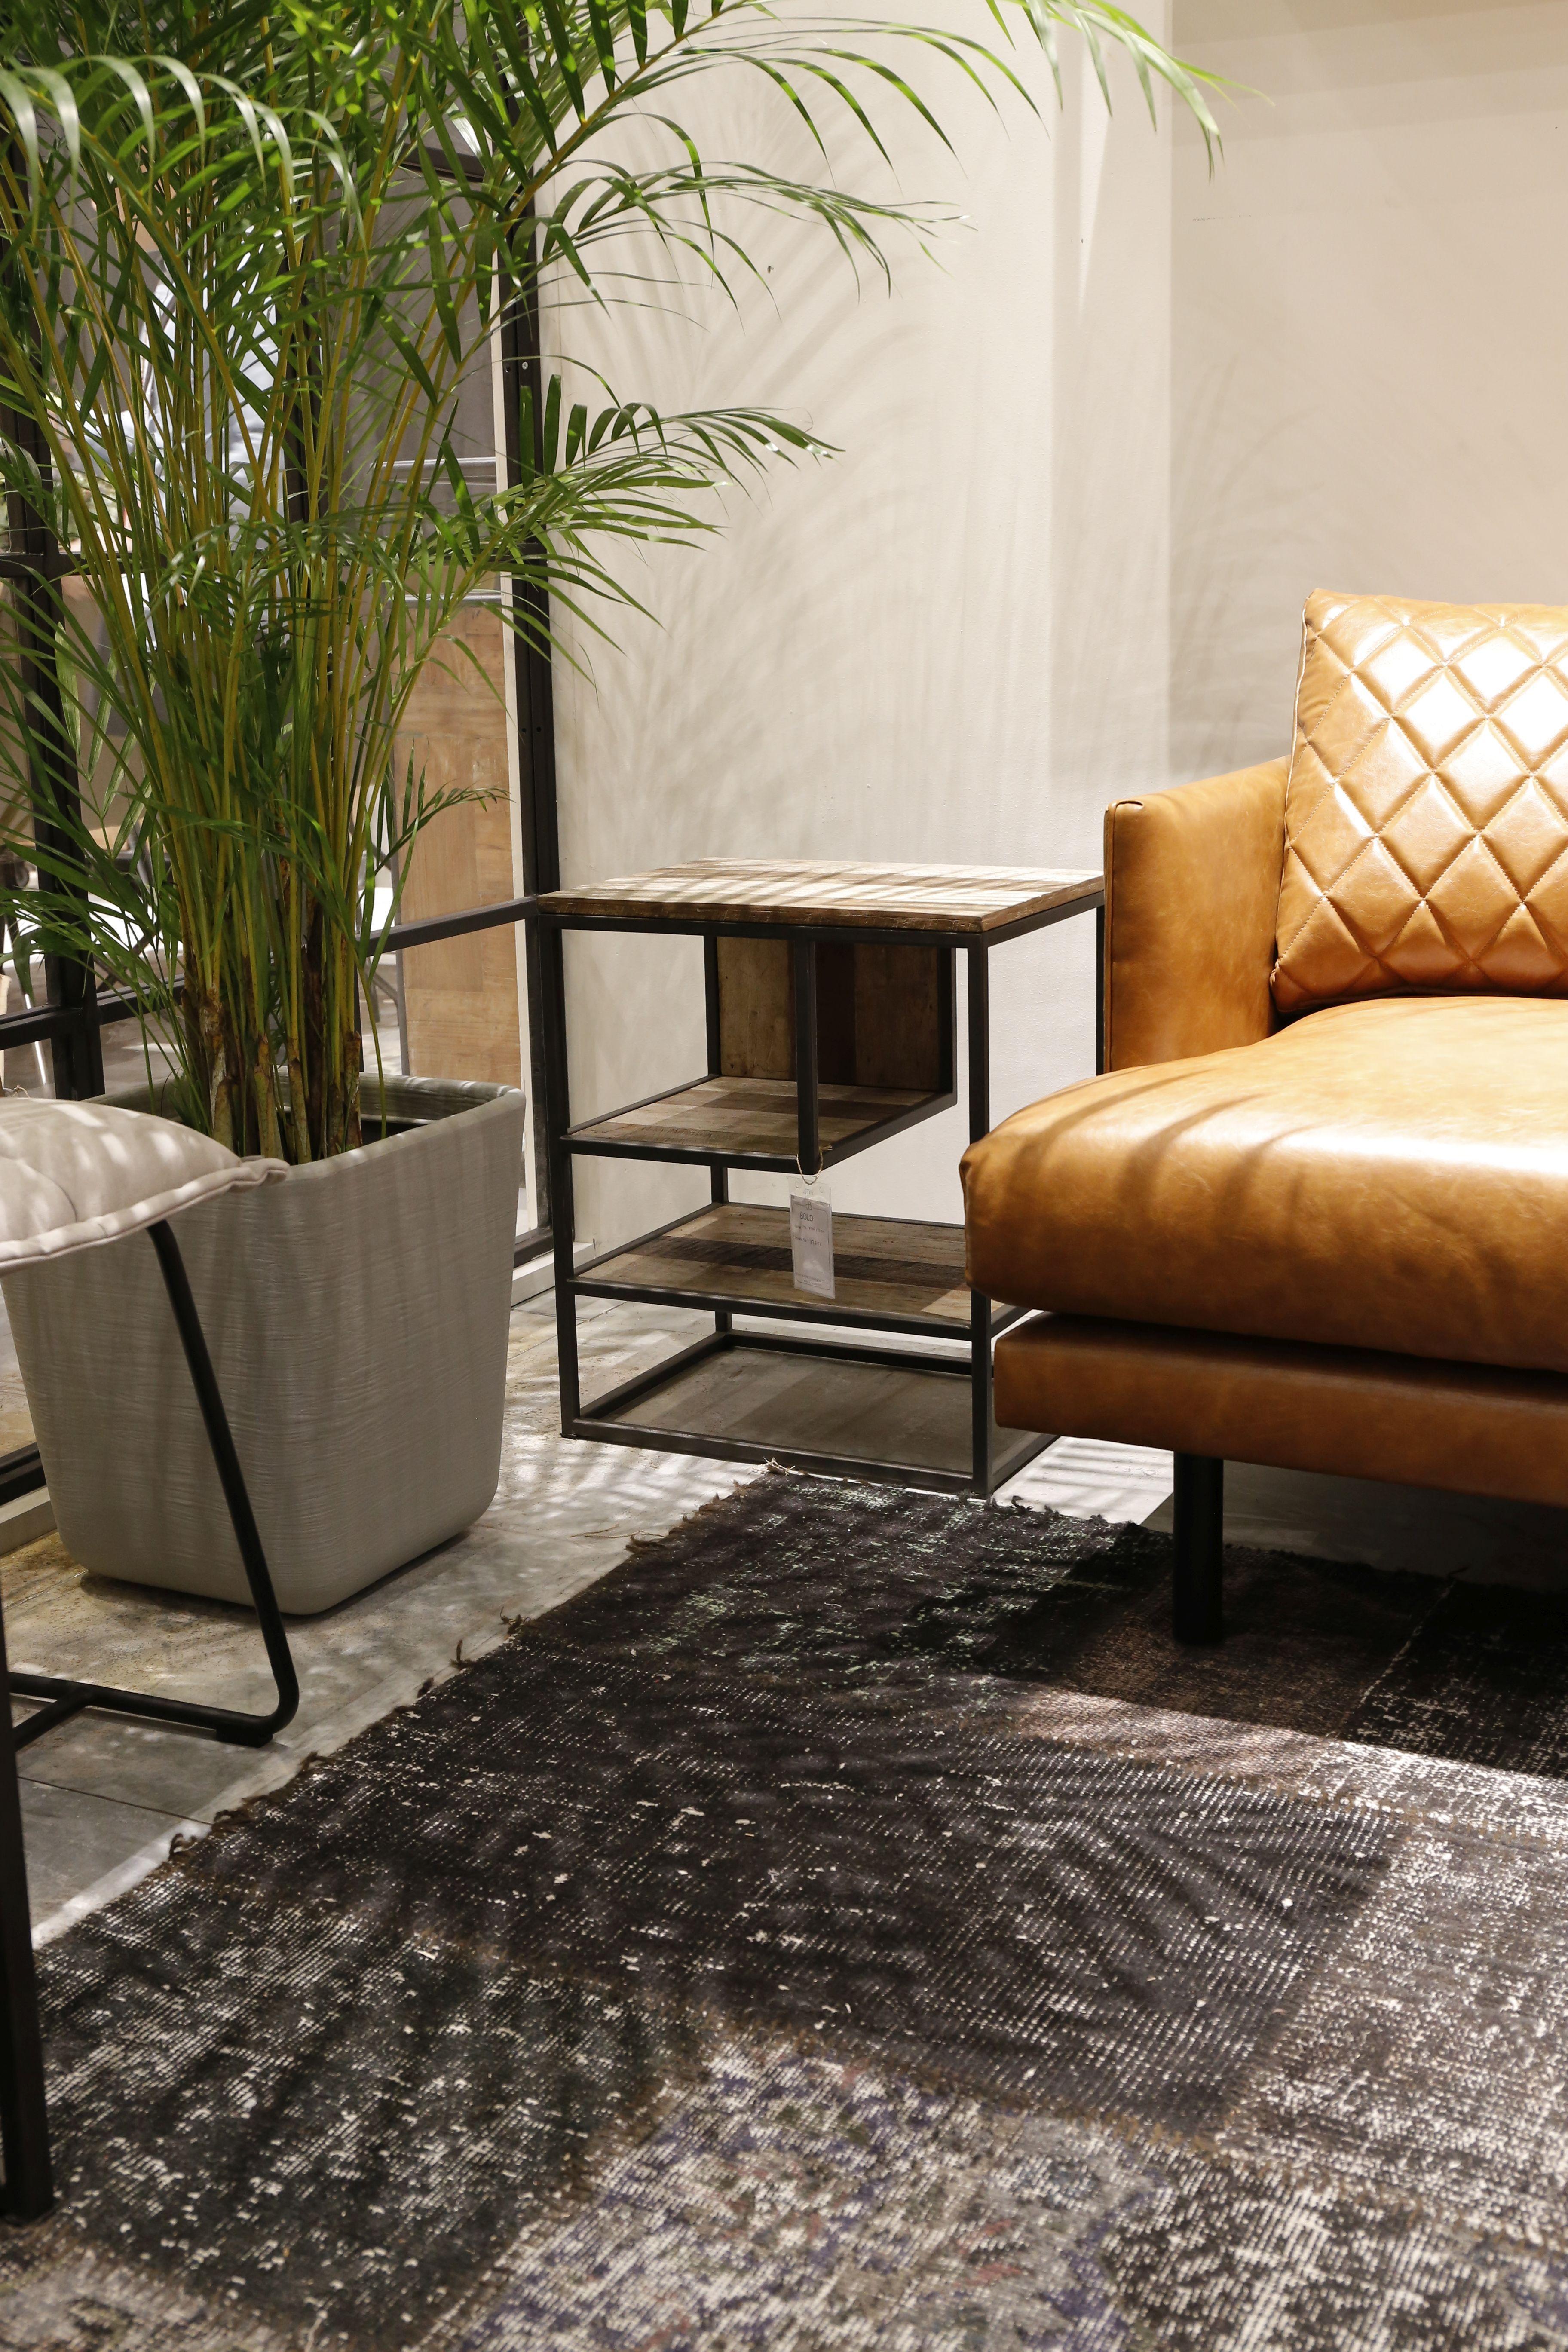 Designed Living Room Livingroom Homedesign Livingroomi